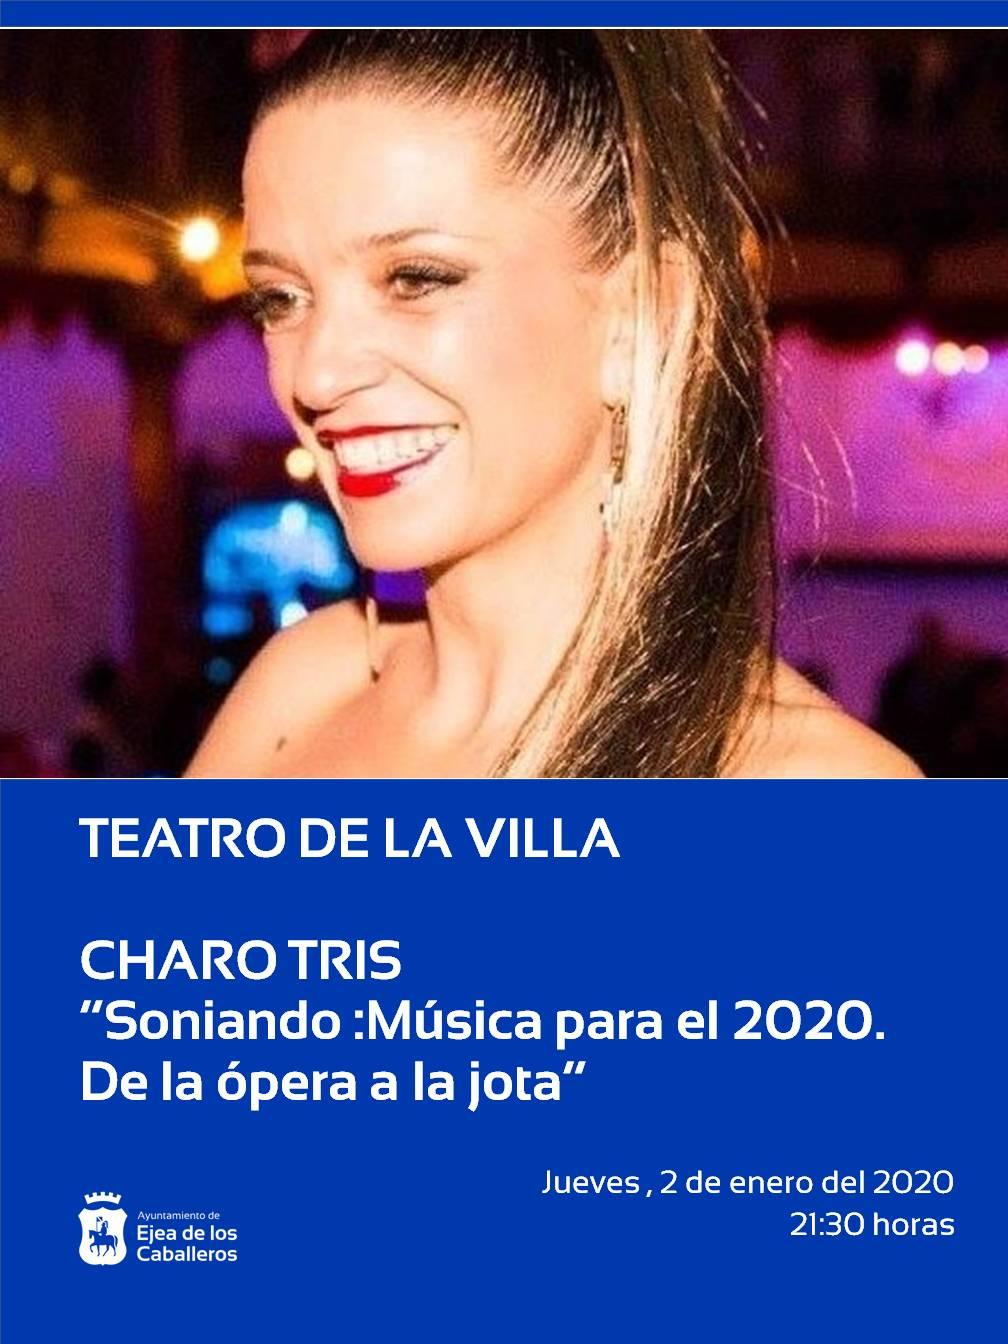 CONCIERTO DE AÑO NUEVO CON LA CANTANTE CHARO TRIS